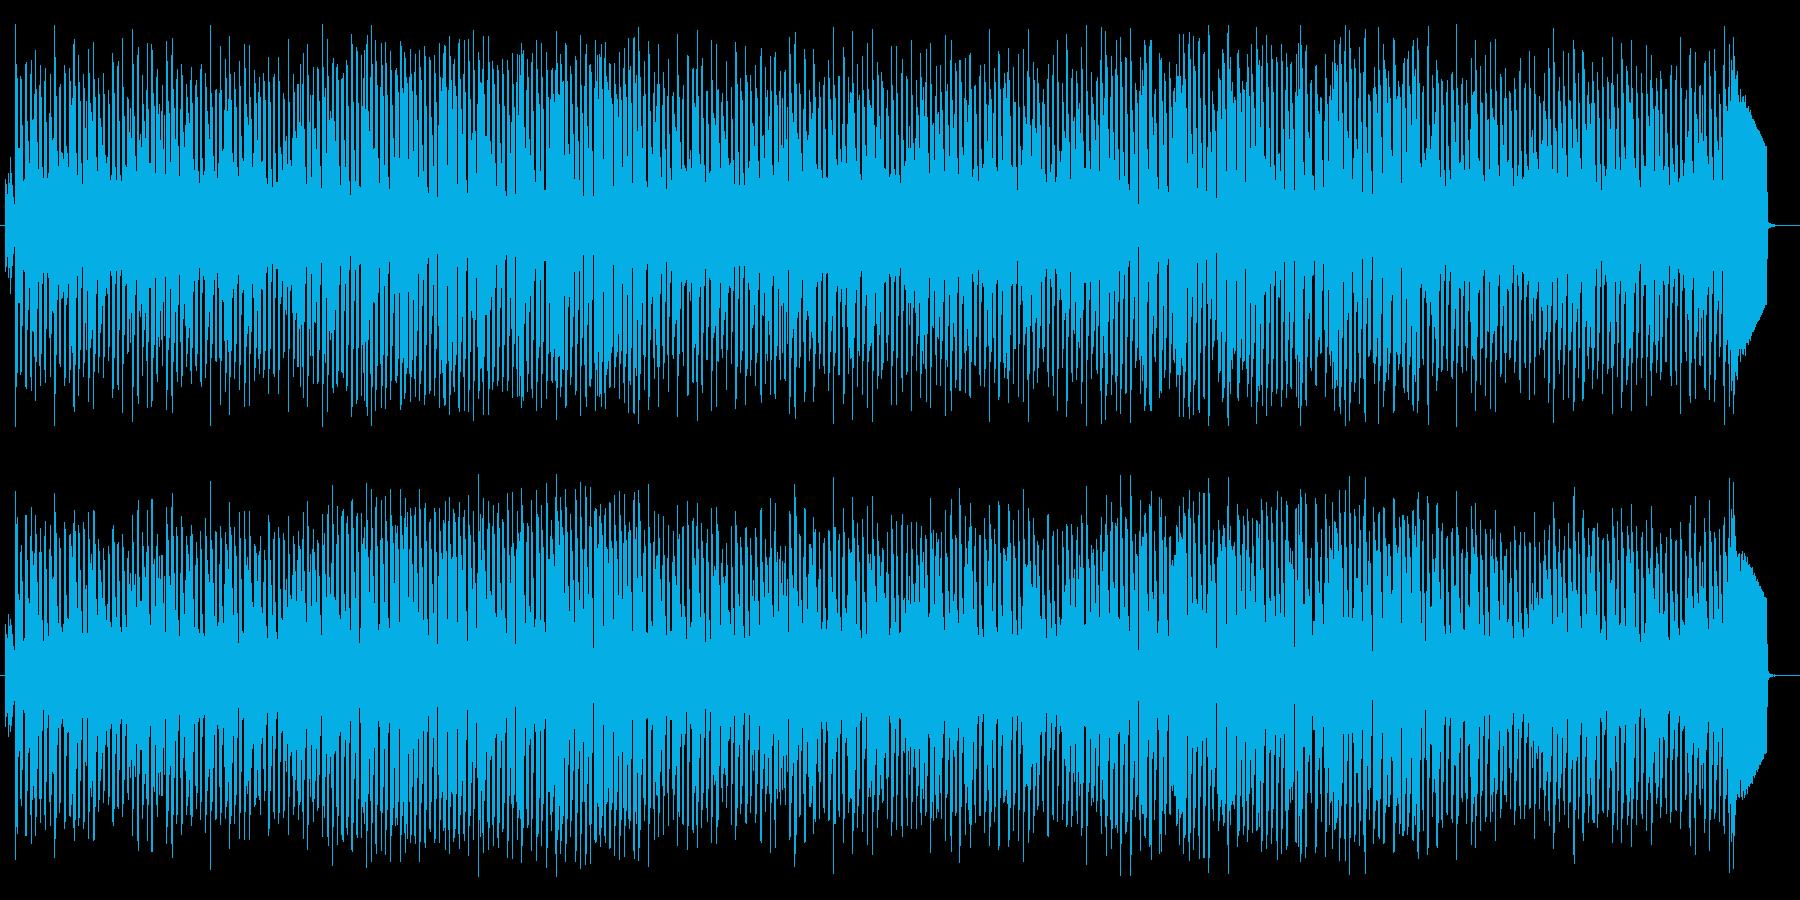 畳みかけるようなリズムが緊張感をあおる曲の再生済みの波形